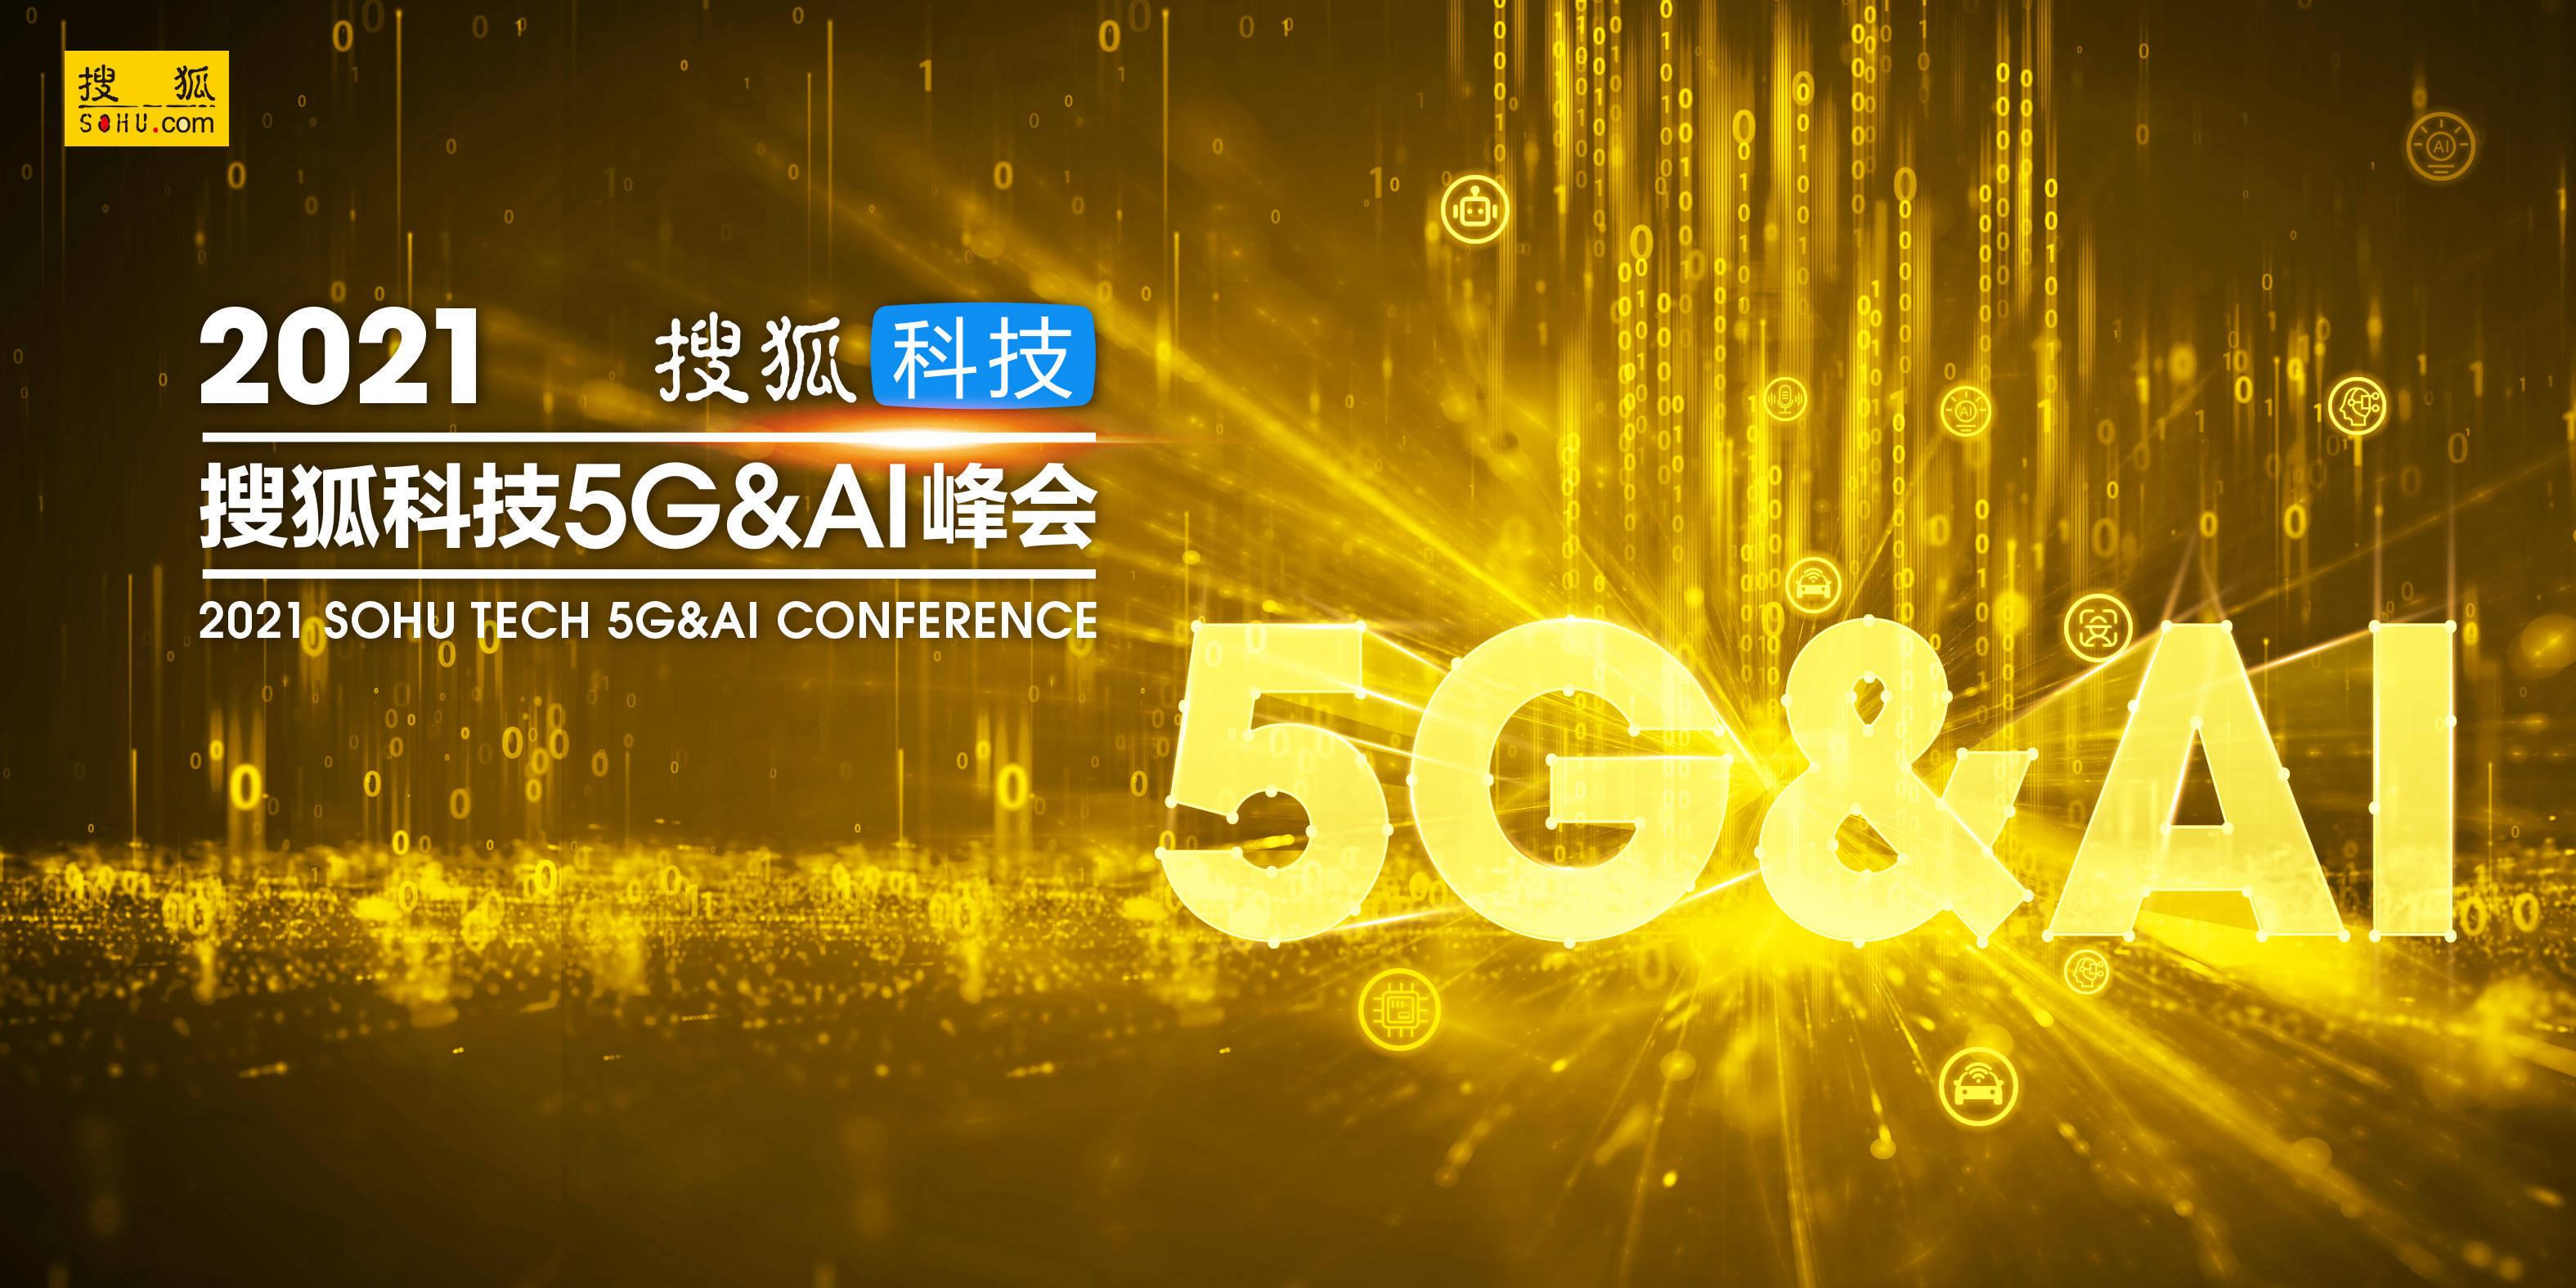 搜狐科技5G&AI峰会相约517,赵明、张晨、姚志强打Call助力